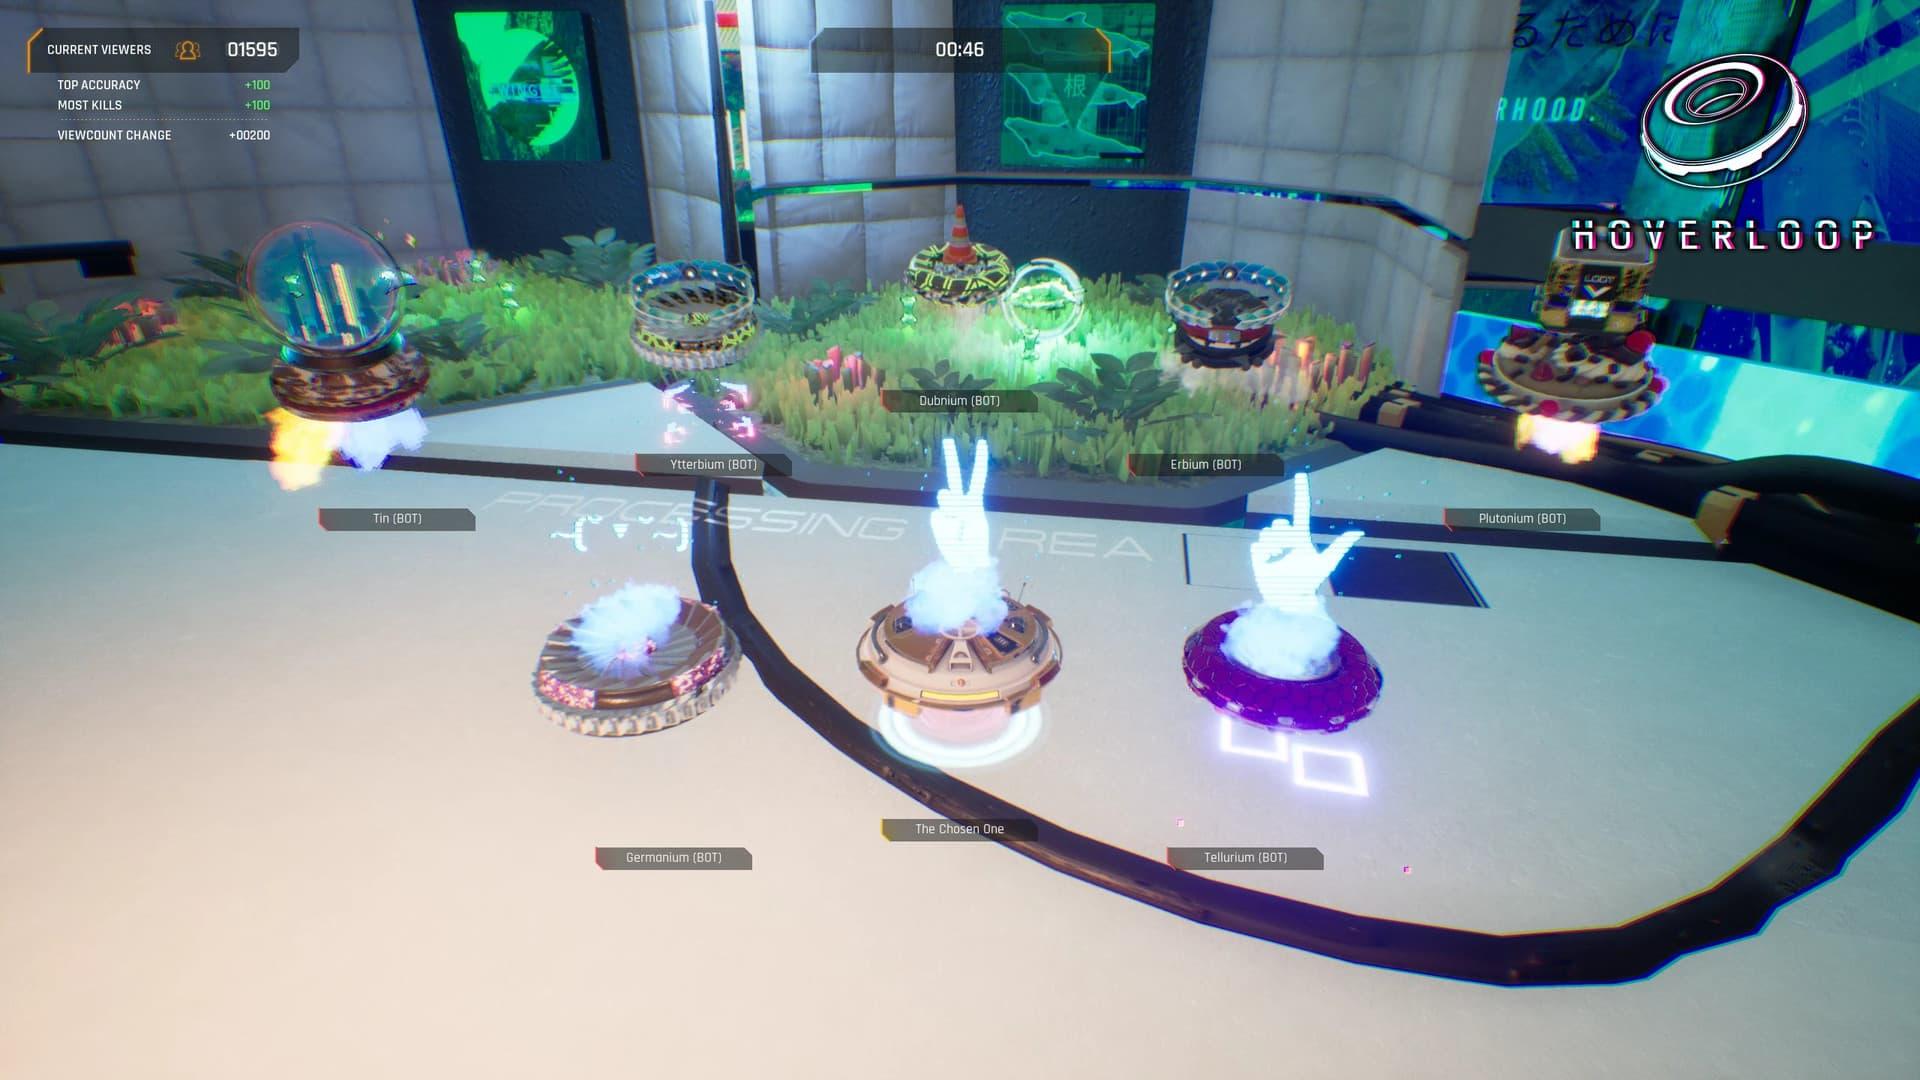 Xbox One Hoverloop